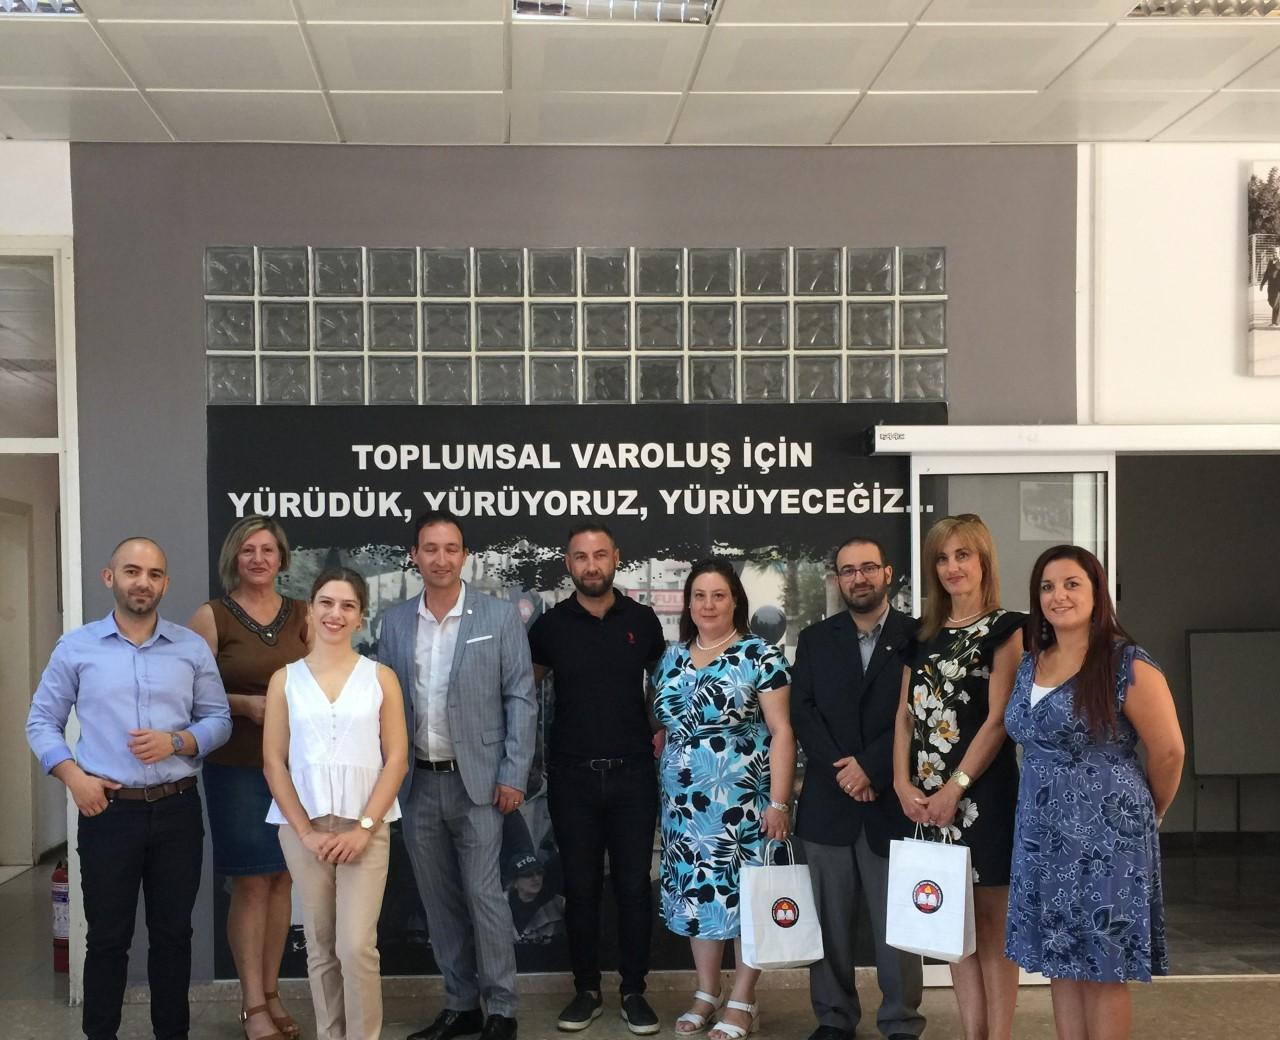 Malta Öğretmen Sendikası (MUT) temsilcileri KTÖS'ün davetlisi olarak Kıbrıs'a geldi.